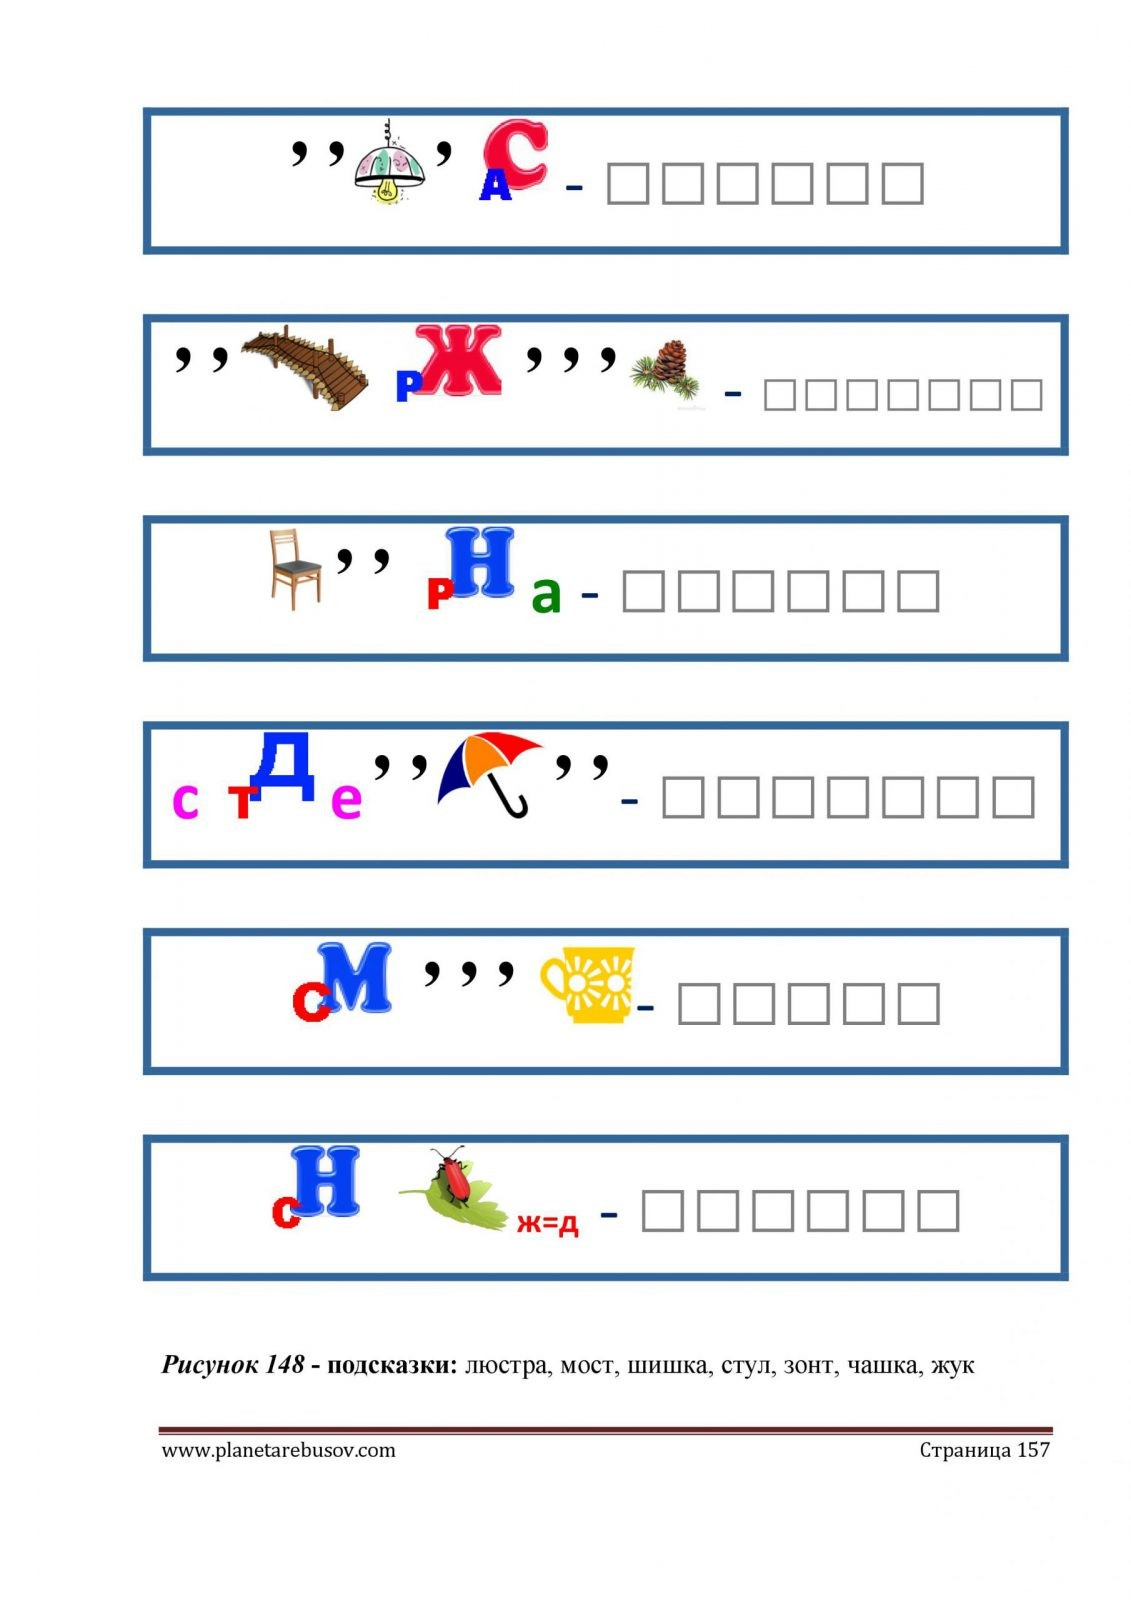 Ребусы-страус, стружка, струна, студент, сумка, сундук